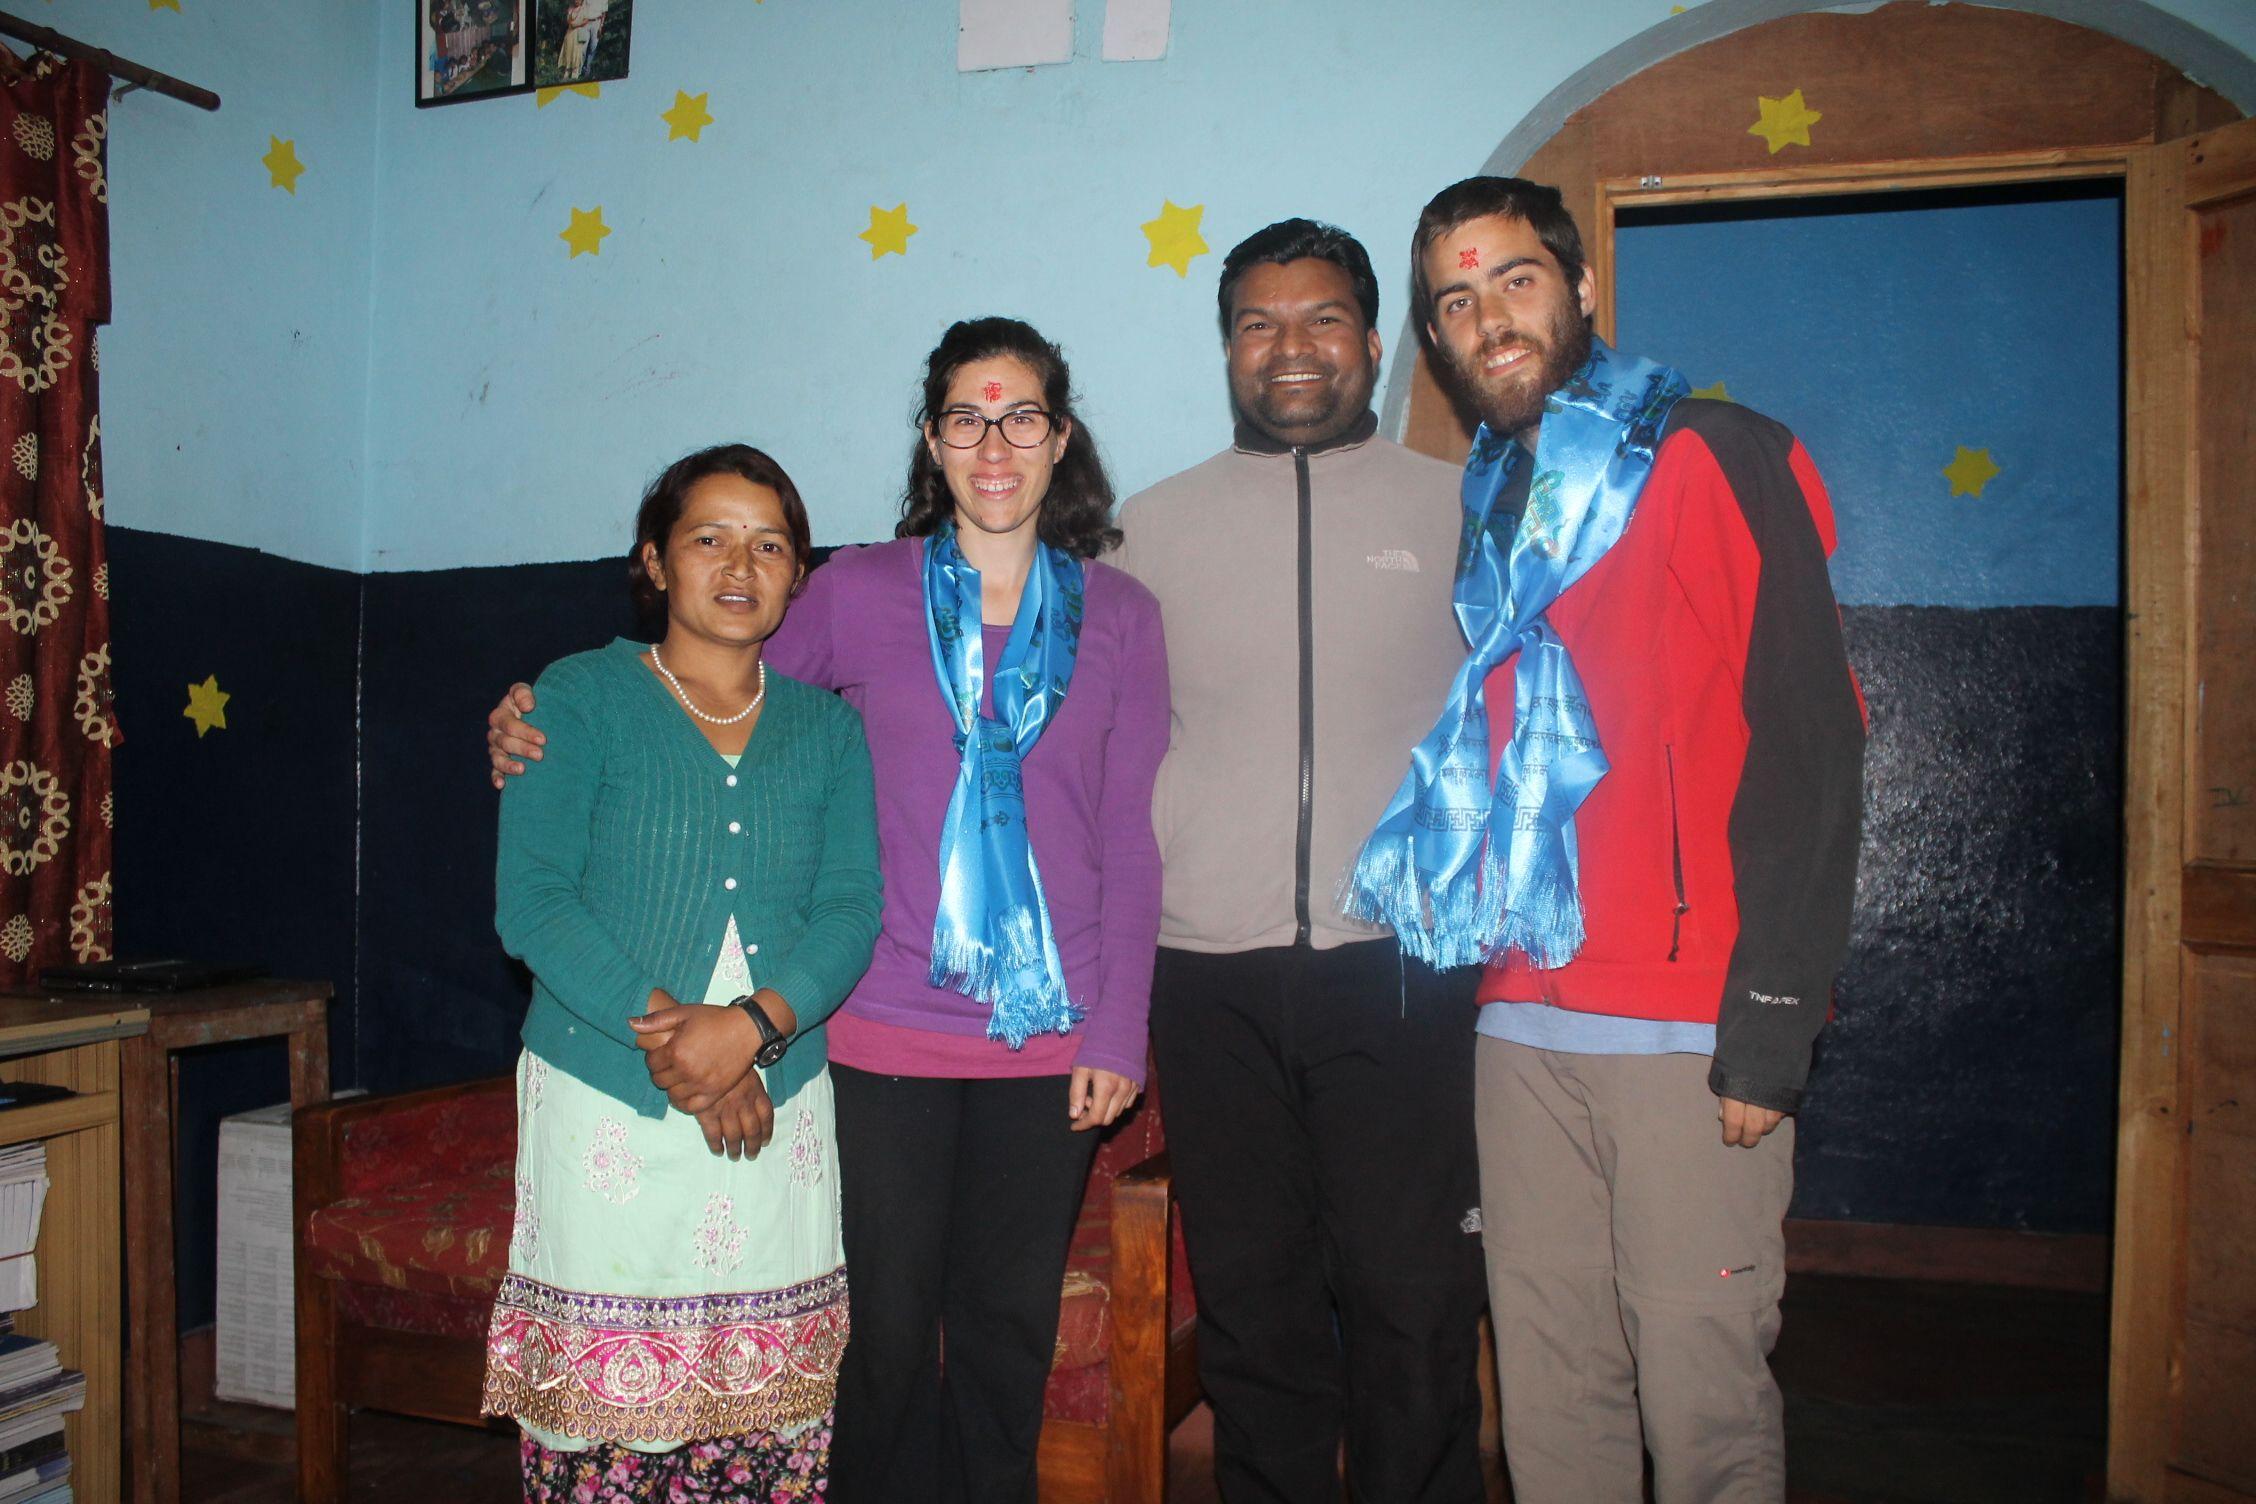 Con Dana y Dev, los 'tios' de los niños y responsables del orfanato